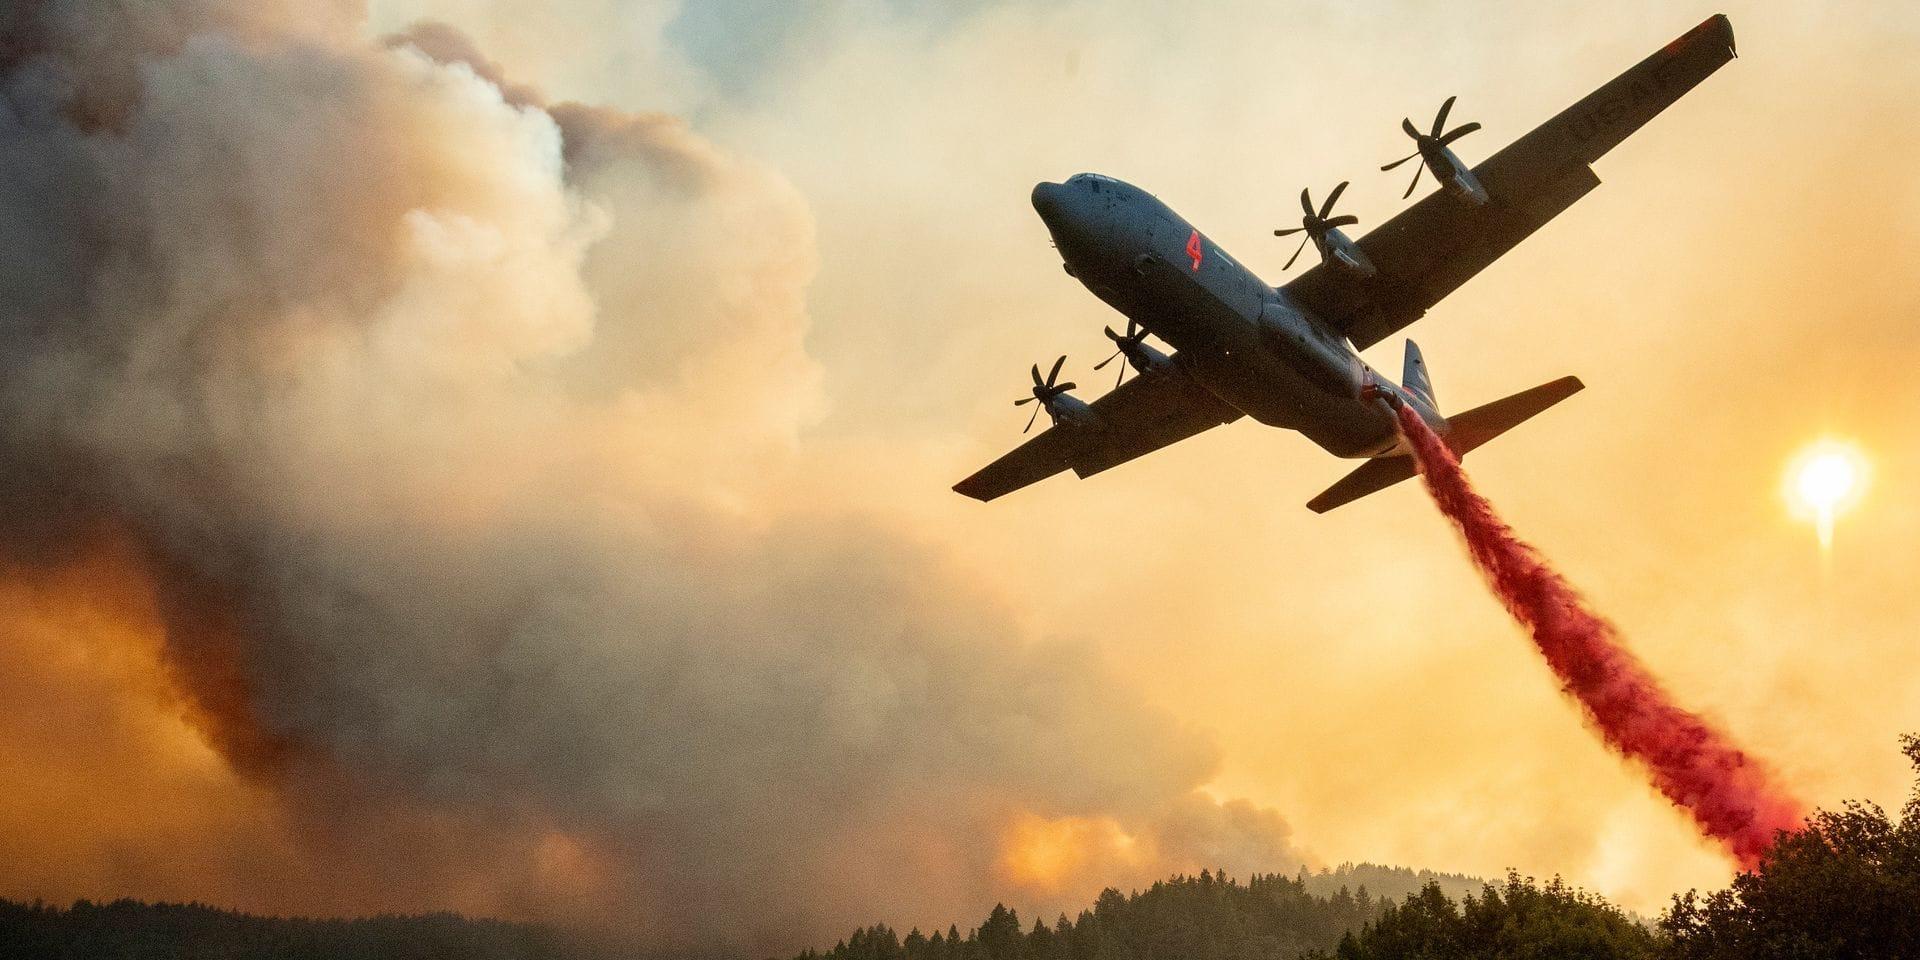 Le WWF craint des feux de forêts encore plus dévastateurs qu'en 2019